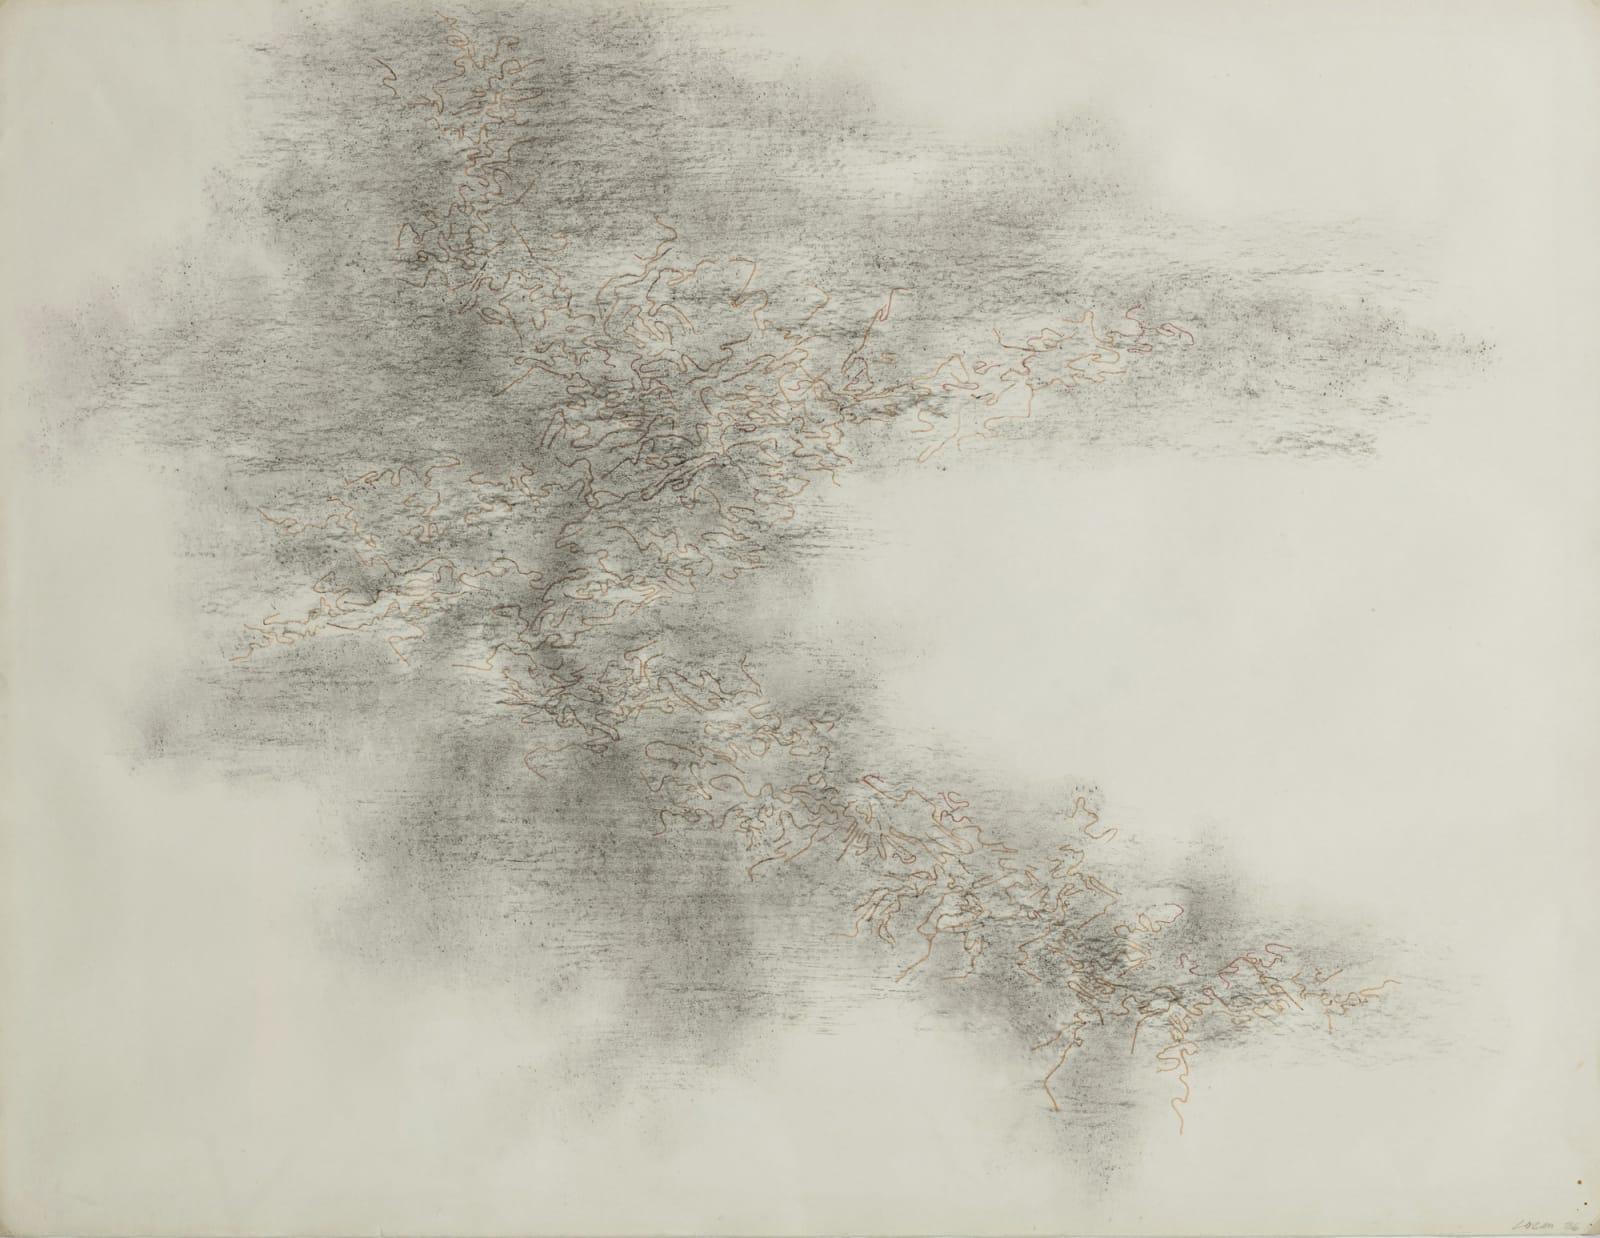 Lalan 謝景蘭, Untitled《無題》, 1986